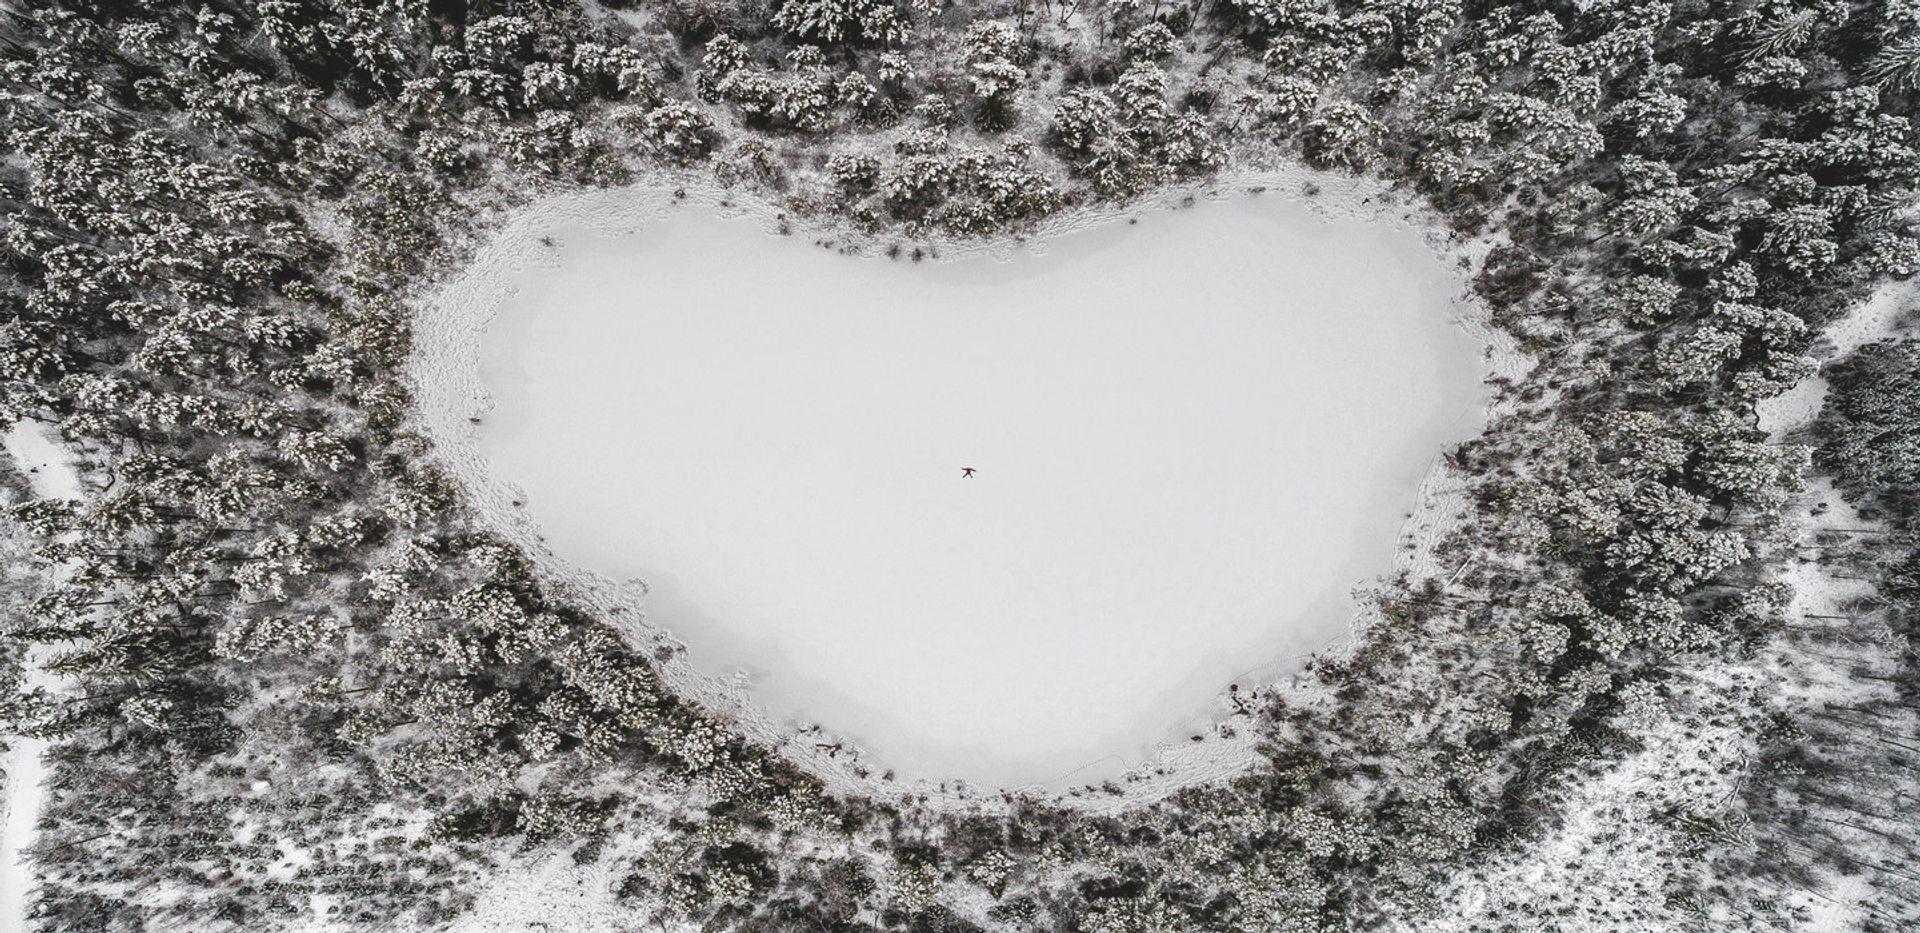 Heart-shaped lake.